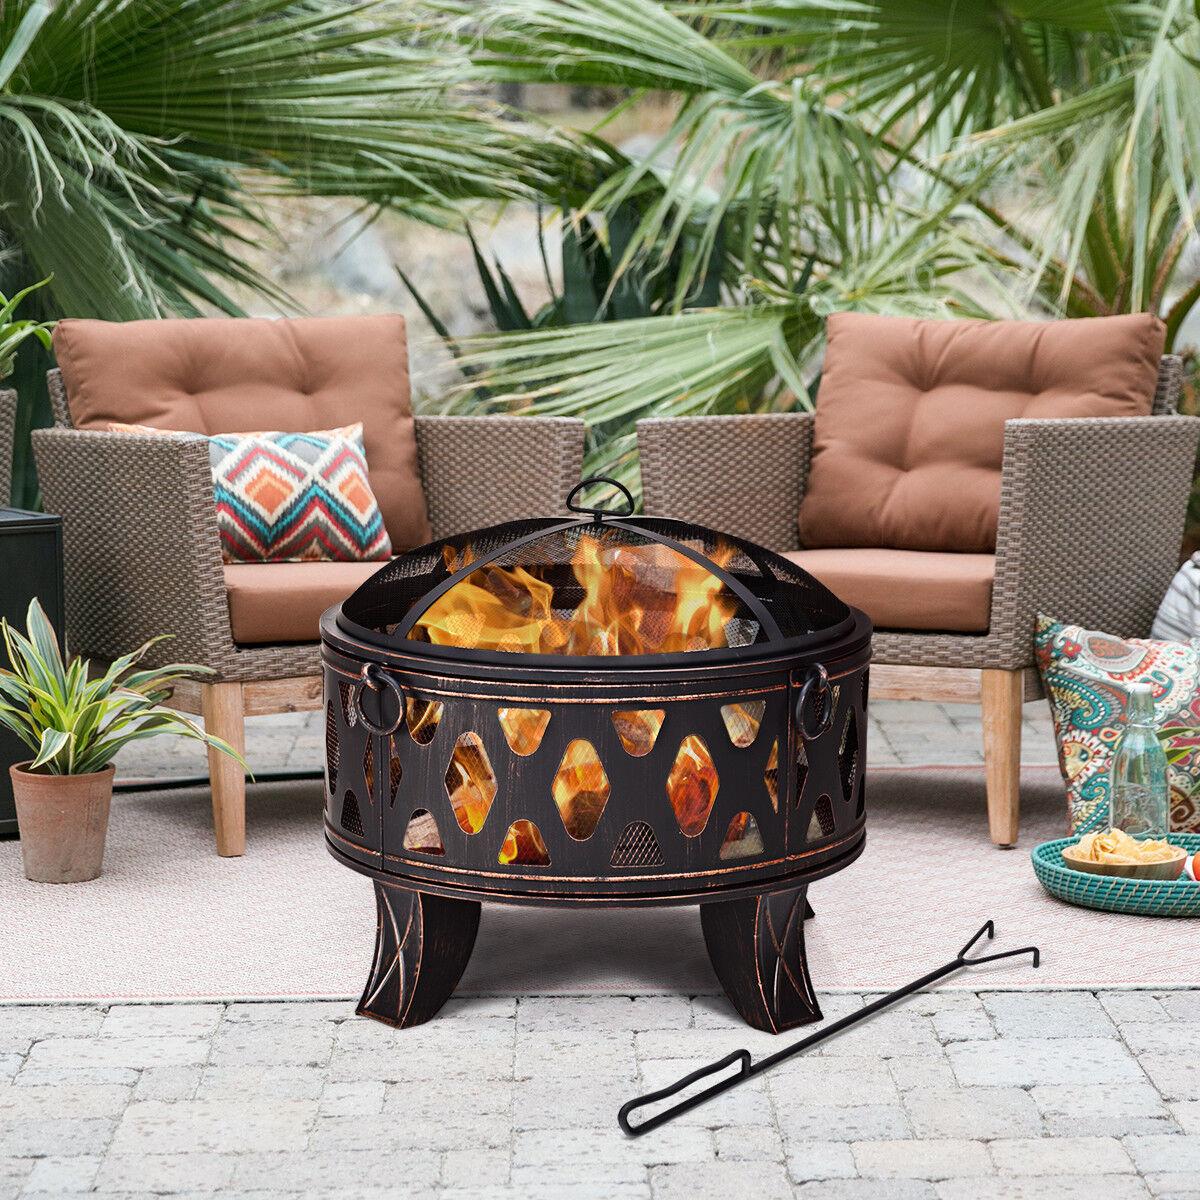 Feuerschale mit Funkenschutz Feuerstelle Ø 71 cm Feuerkorb Gartenfeuer Terrasse